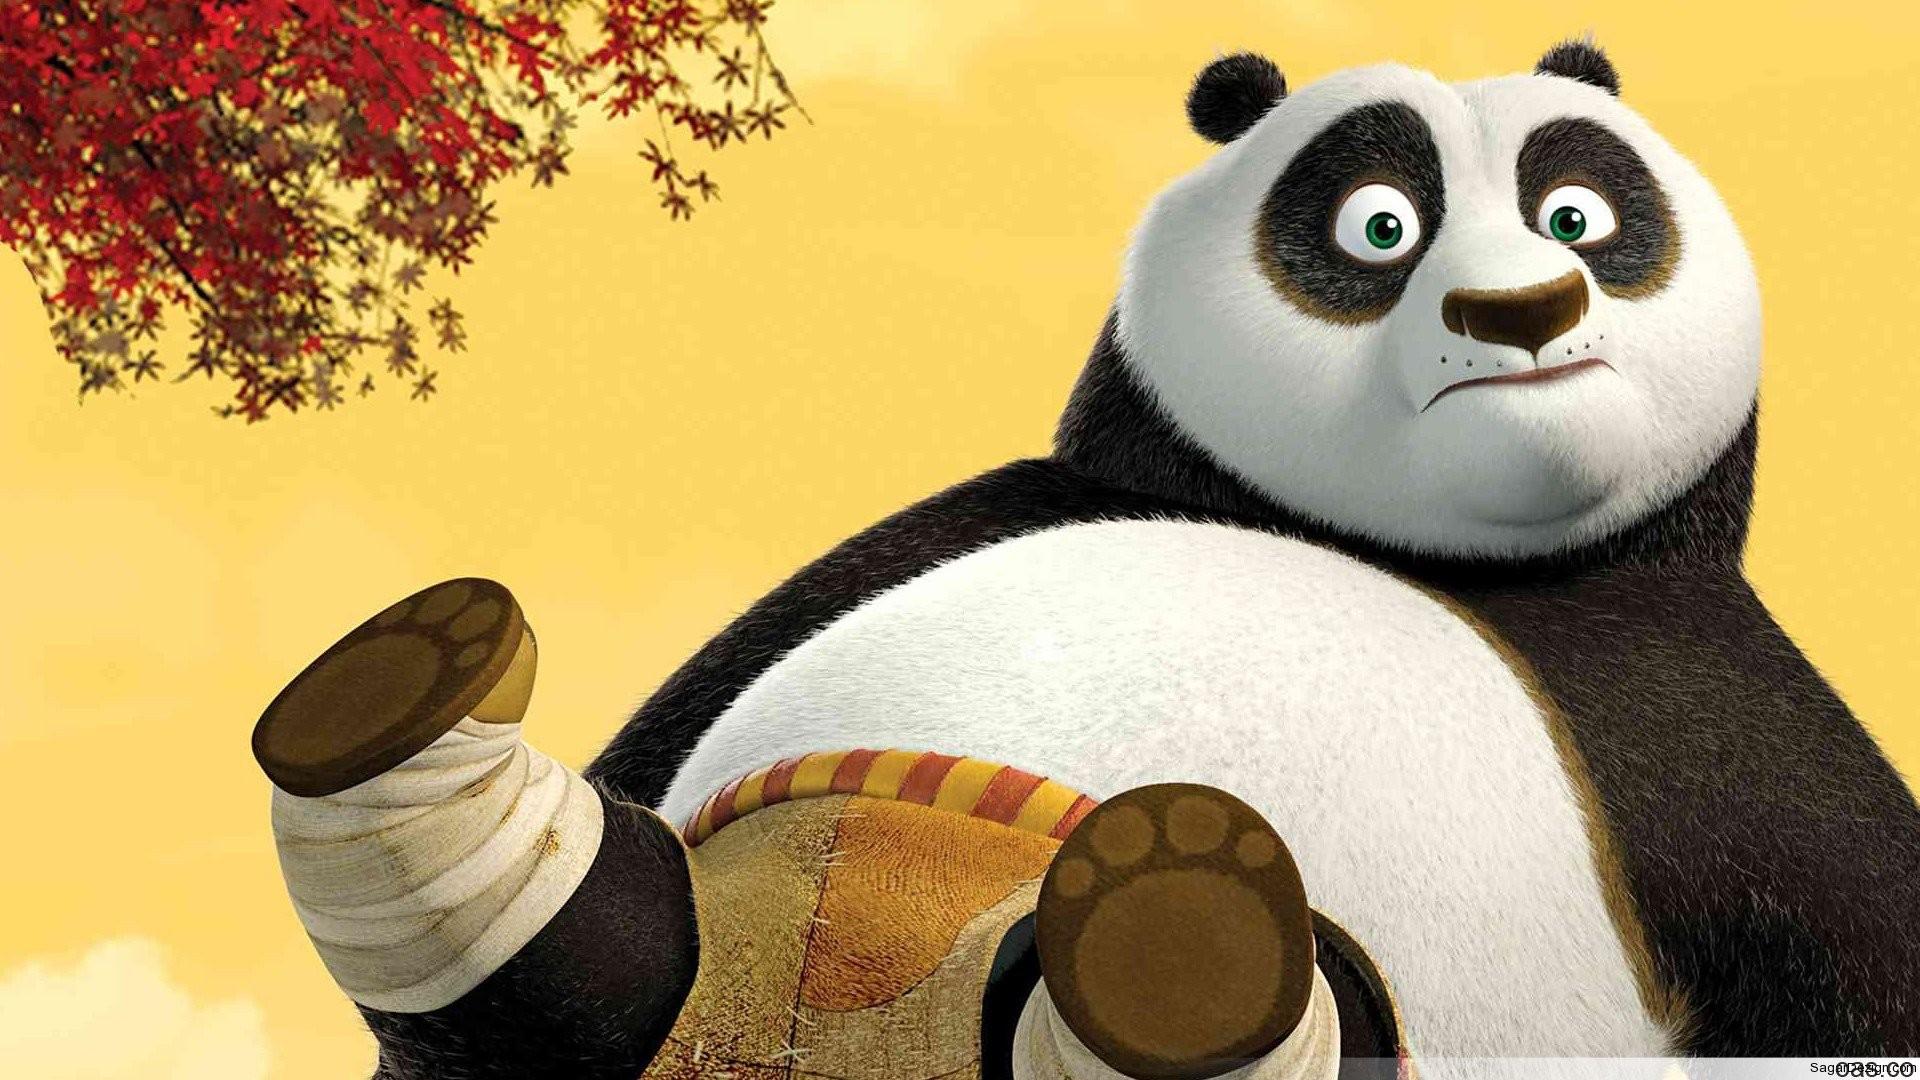 … kung fu panda wallpapers walldevil …